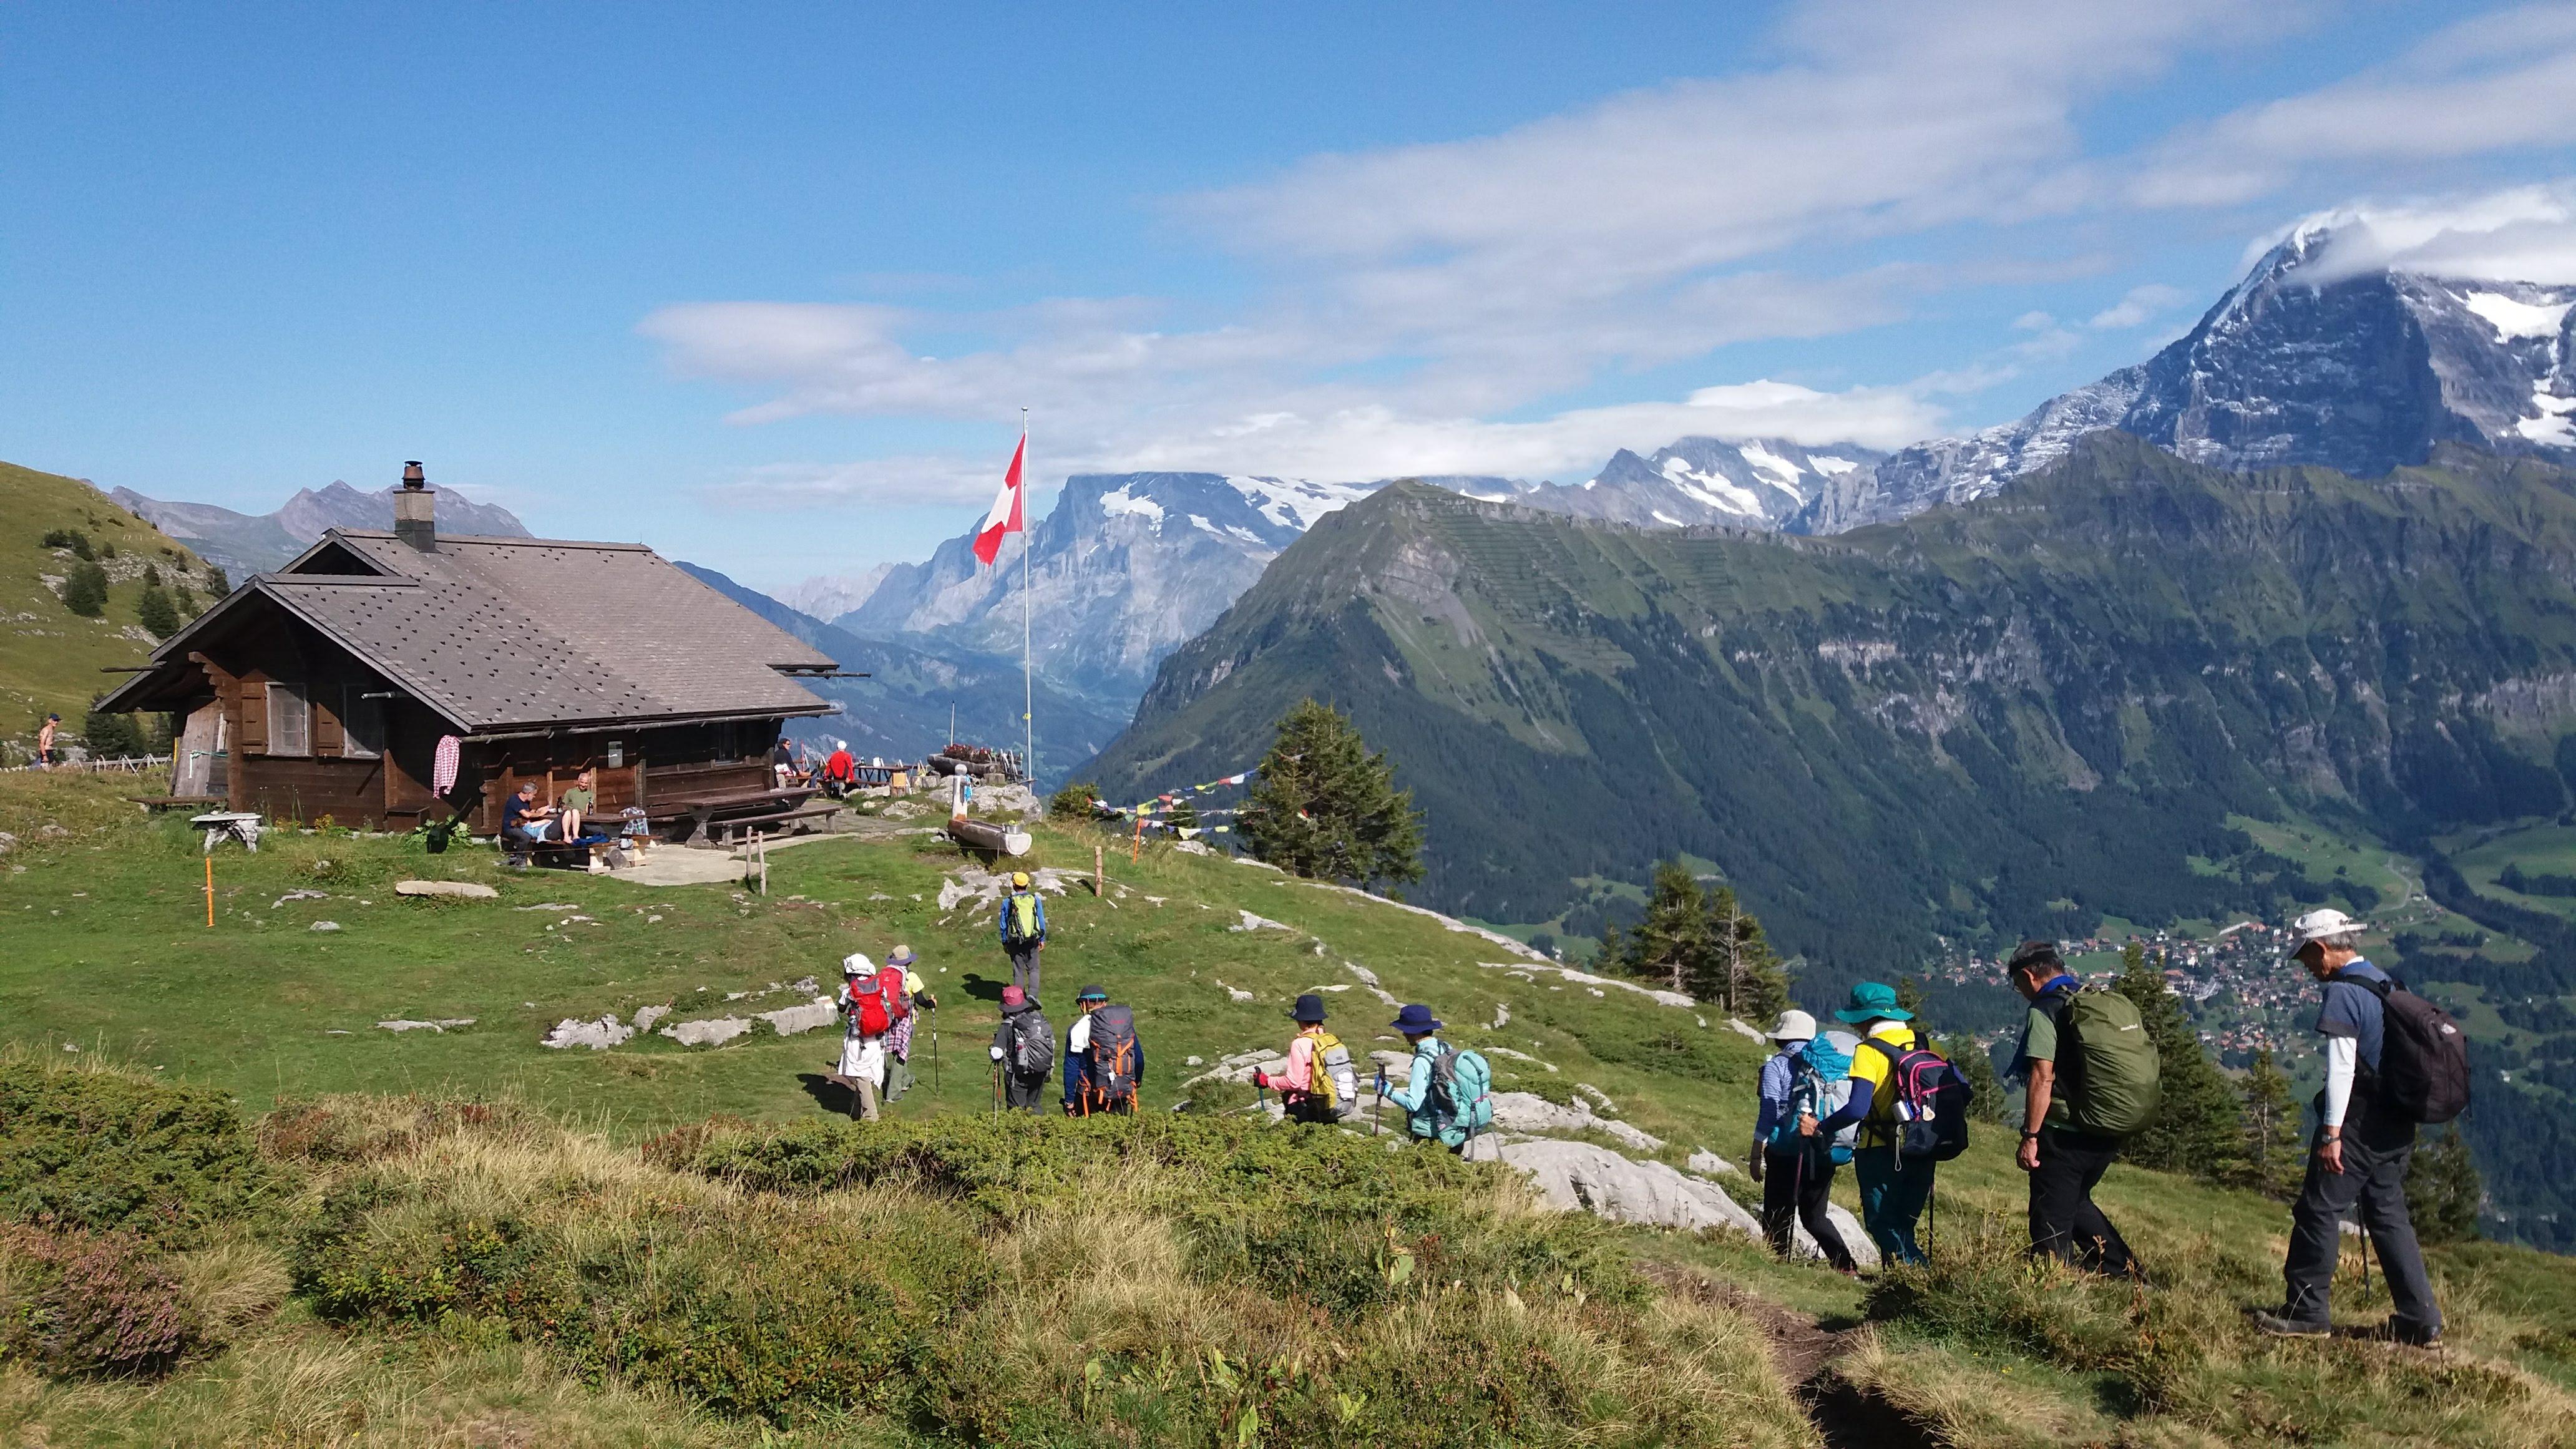 【モンベル×アルパインツアー コラボ特別企画】スイス・アイガー展望ハイキングと山小屋泊 7日間